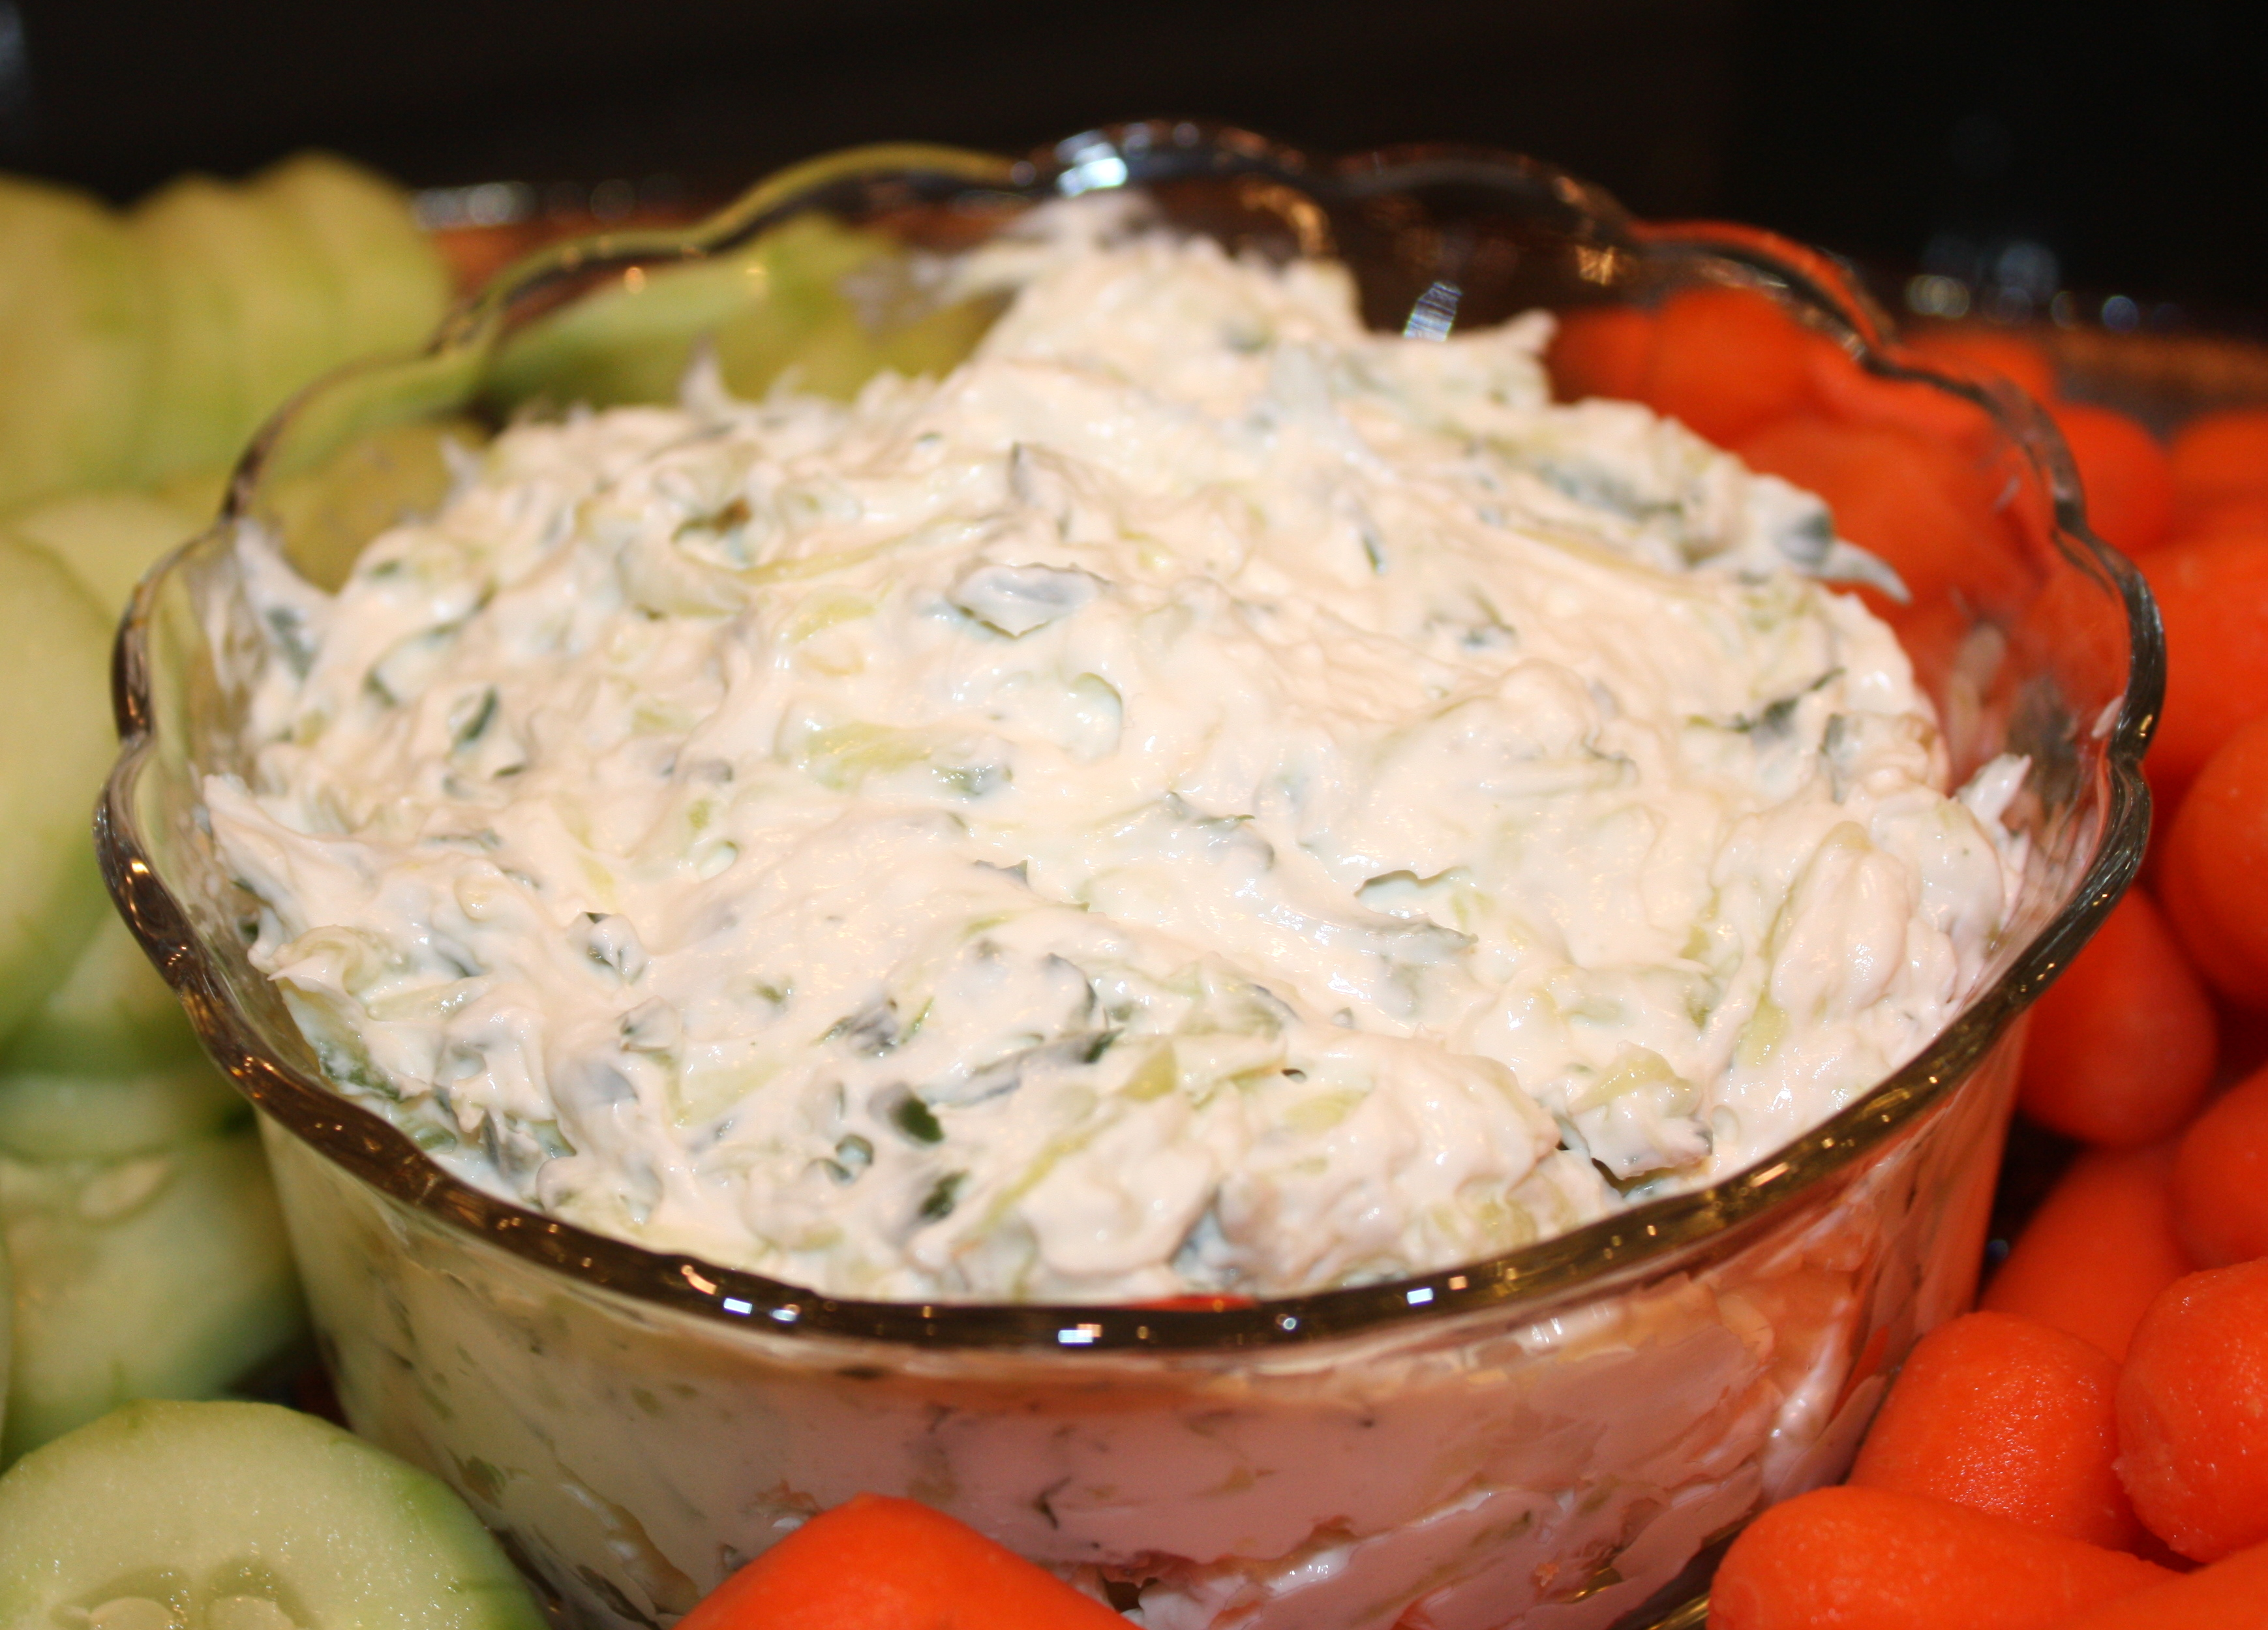 Cucumber dip - A wonderful dip to serve with vegetables. #dip #diprecipe #cucumberdip #cucumber